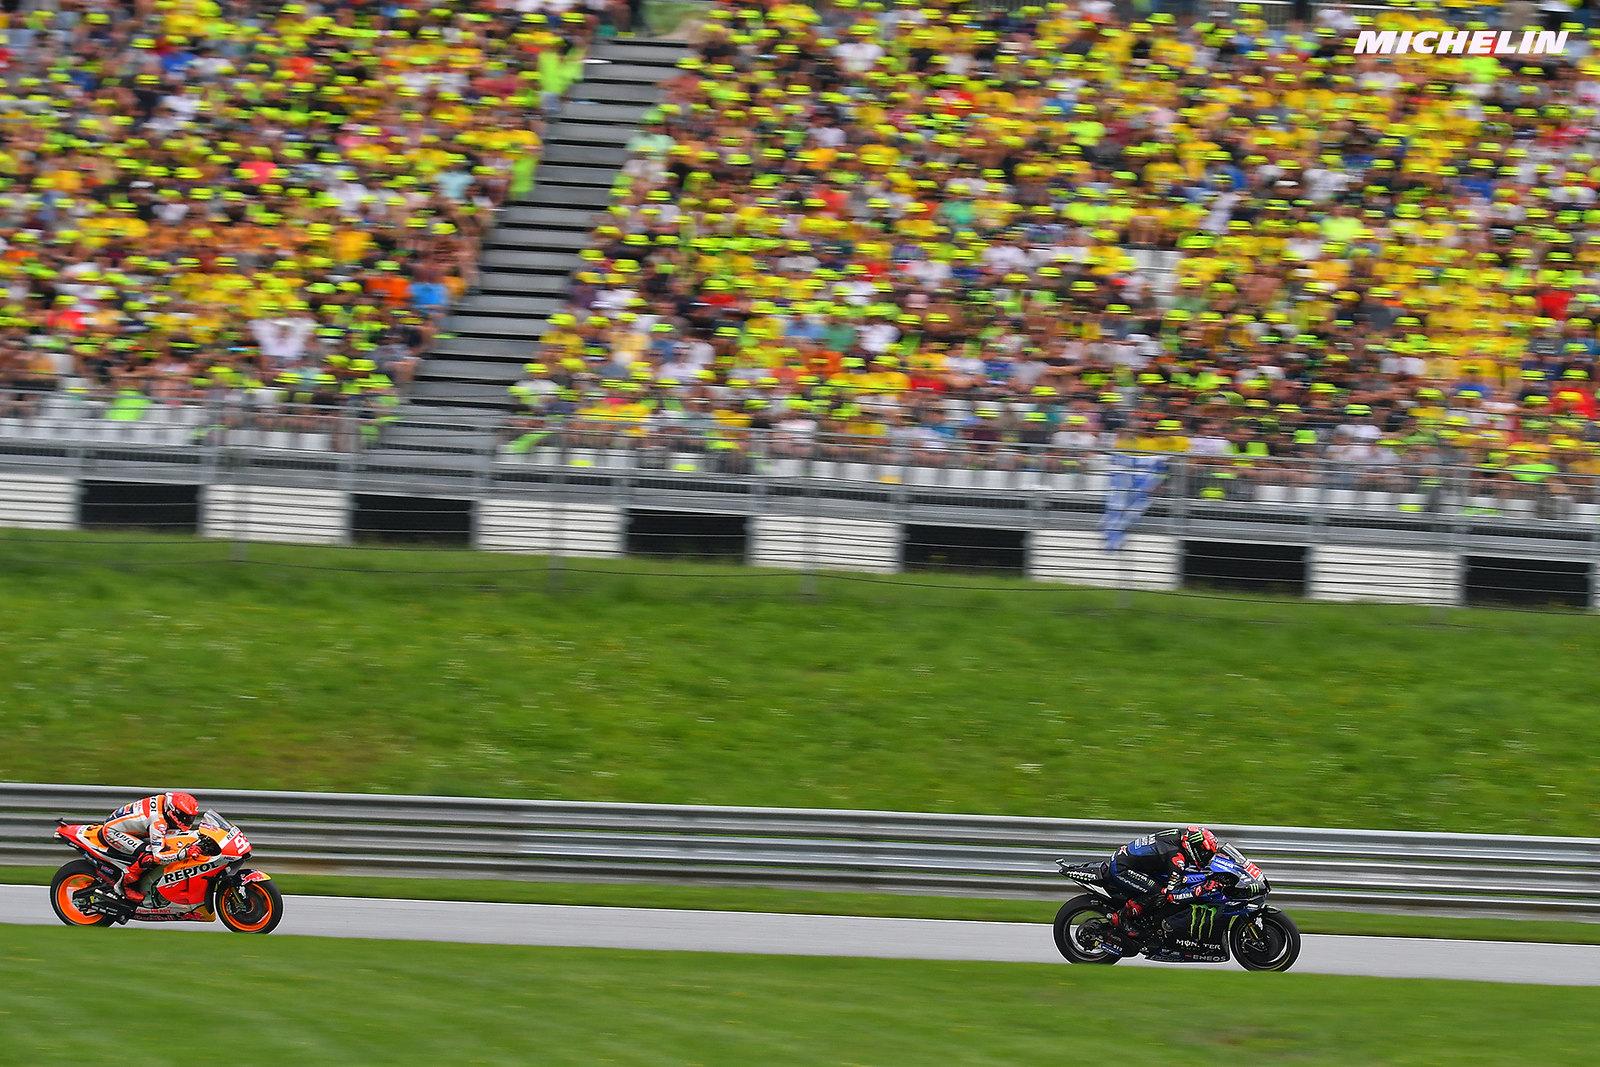 MotoGP2021オーストリアGP7位 ファビオ・クアルタラロ「ウェット走行の内容については満足していない」